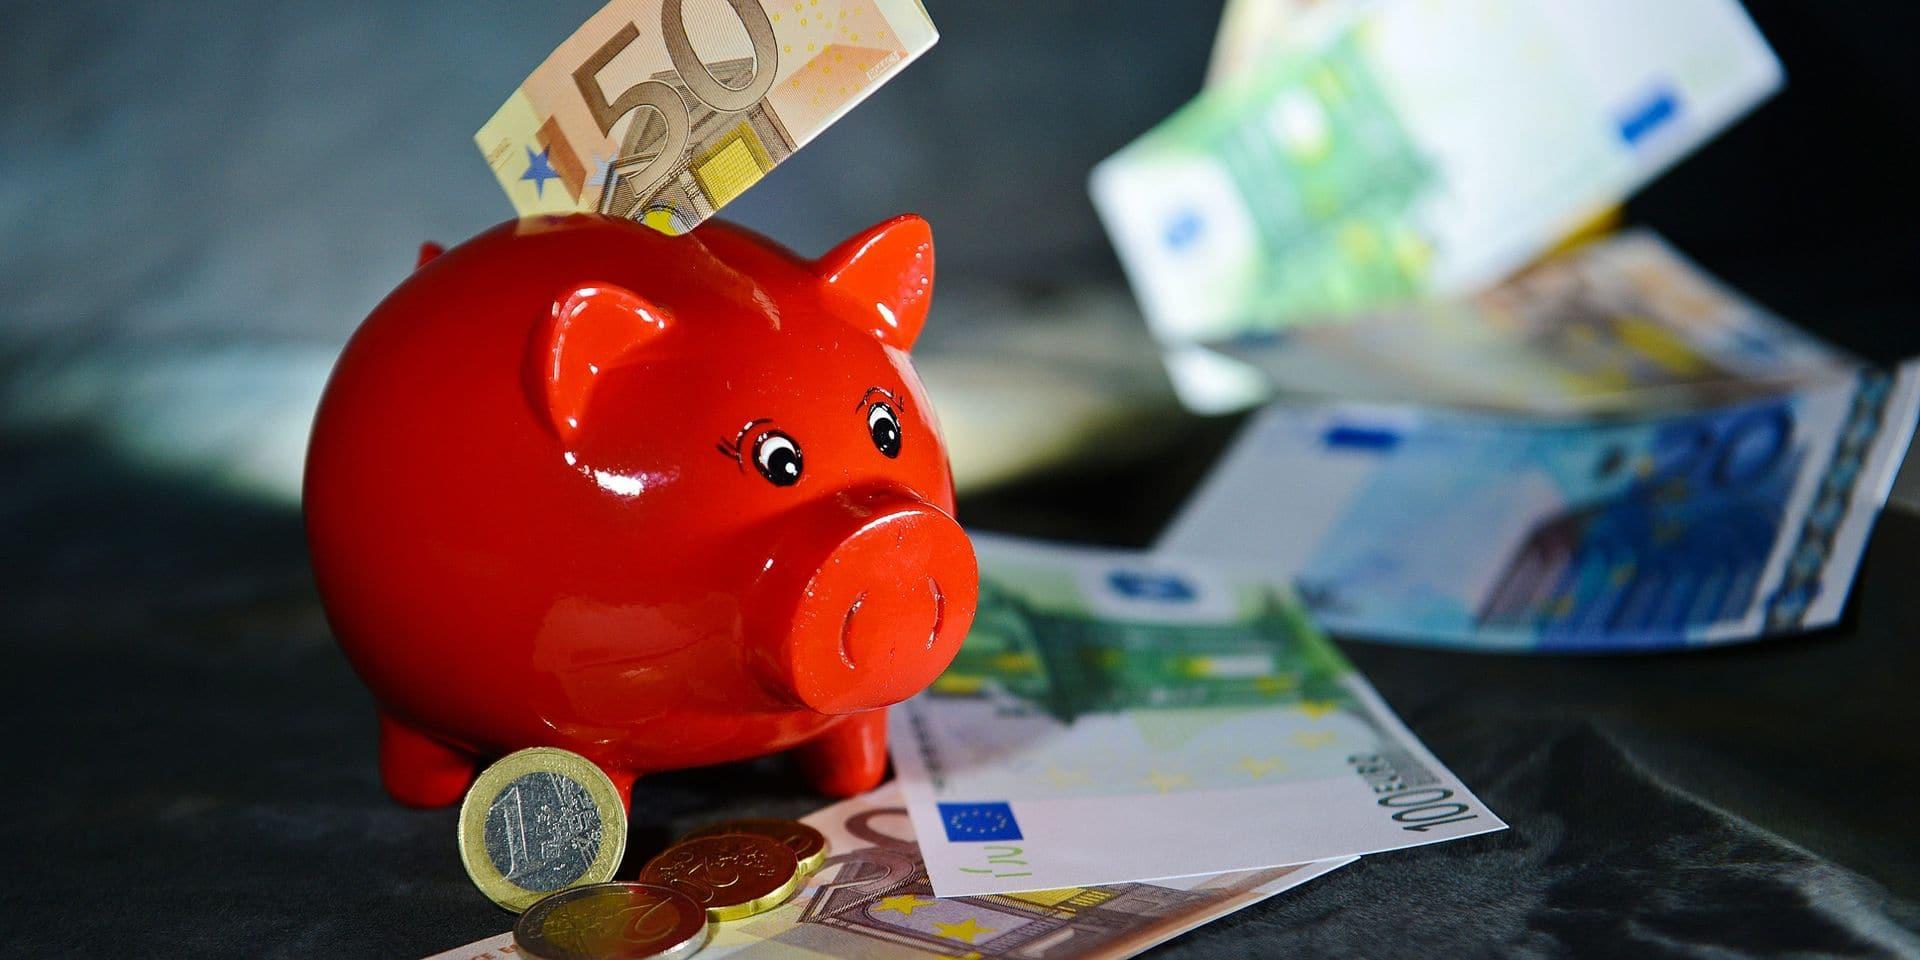 Les Belges ont un tiers de leur patrimoine financier dans des actifs qui ne leur rapportent rien.